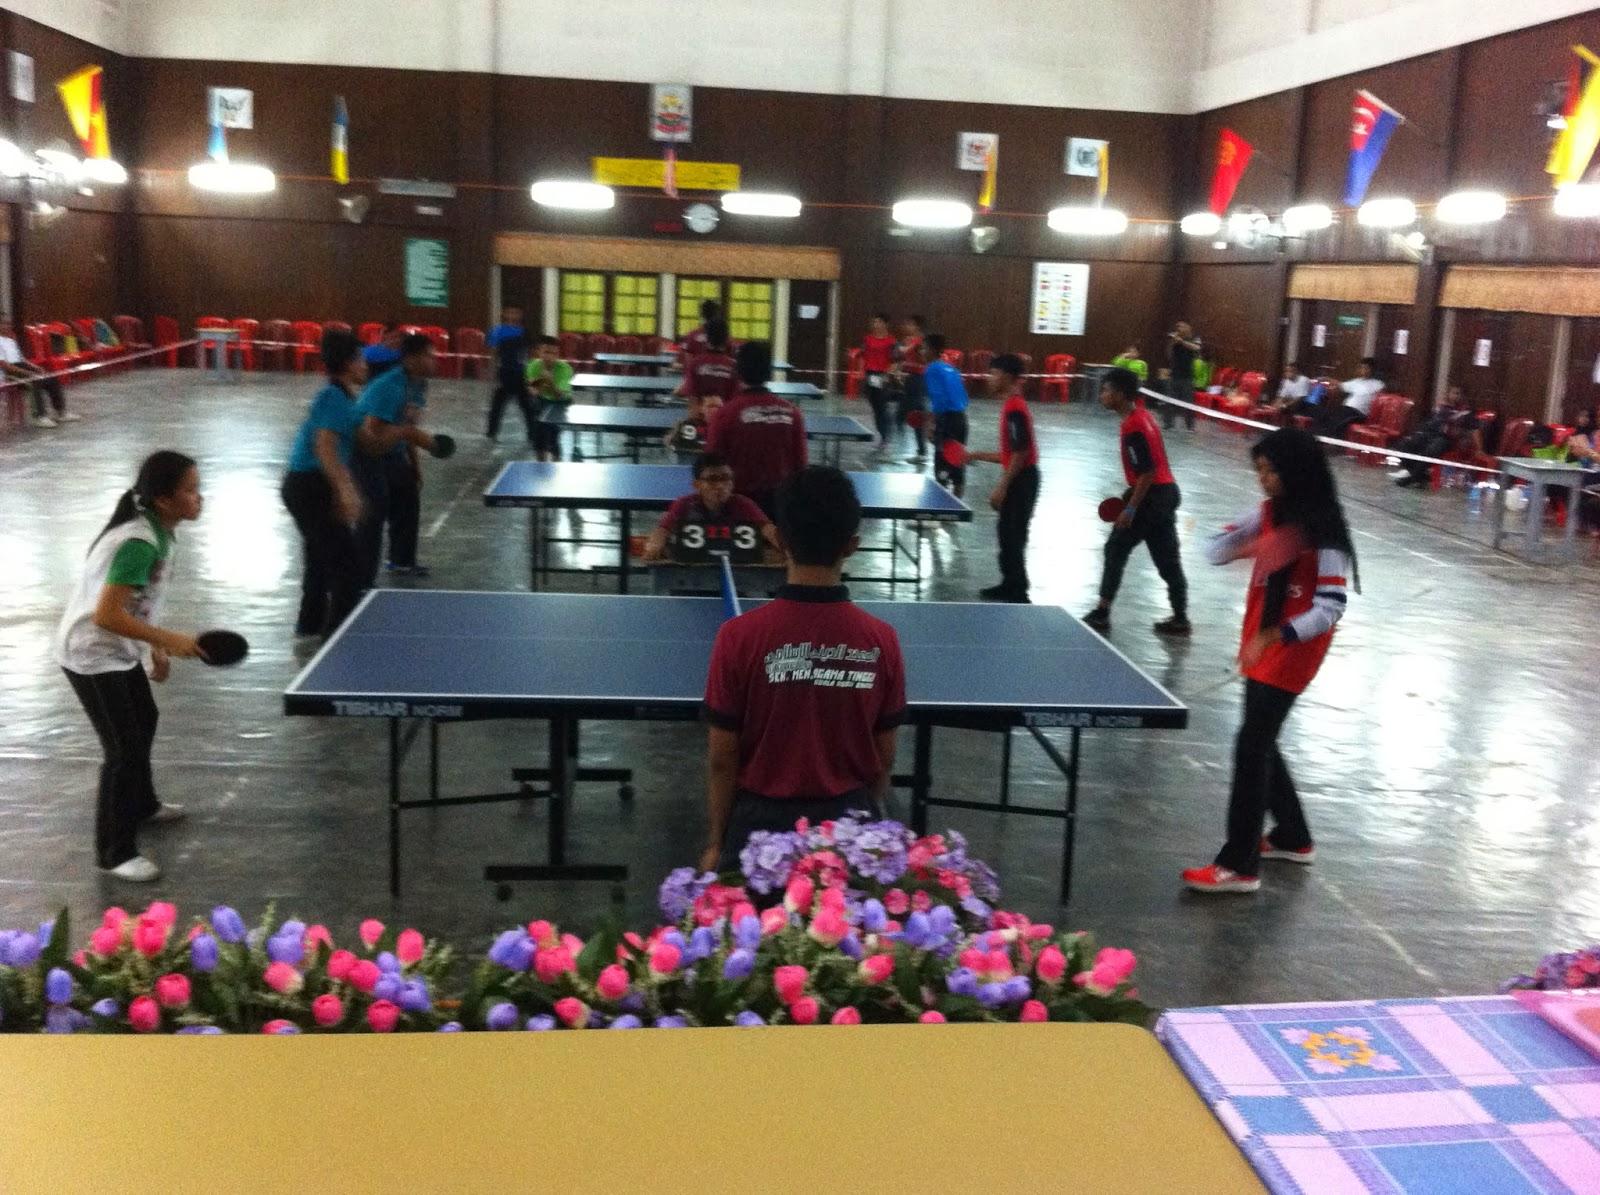 SMK Kalumpang vs SMK SM. (Johan : SMK Kalumpang- Maitasha)